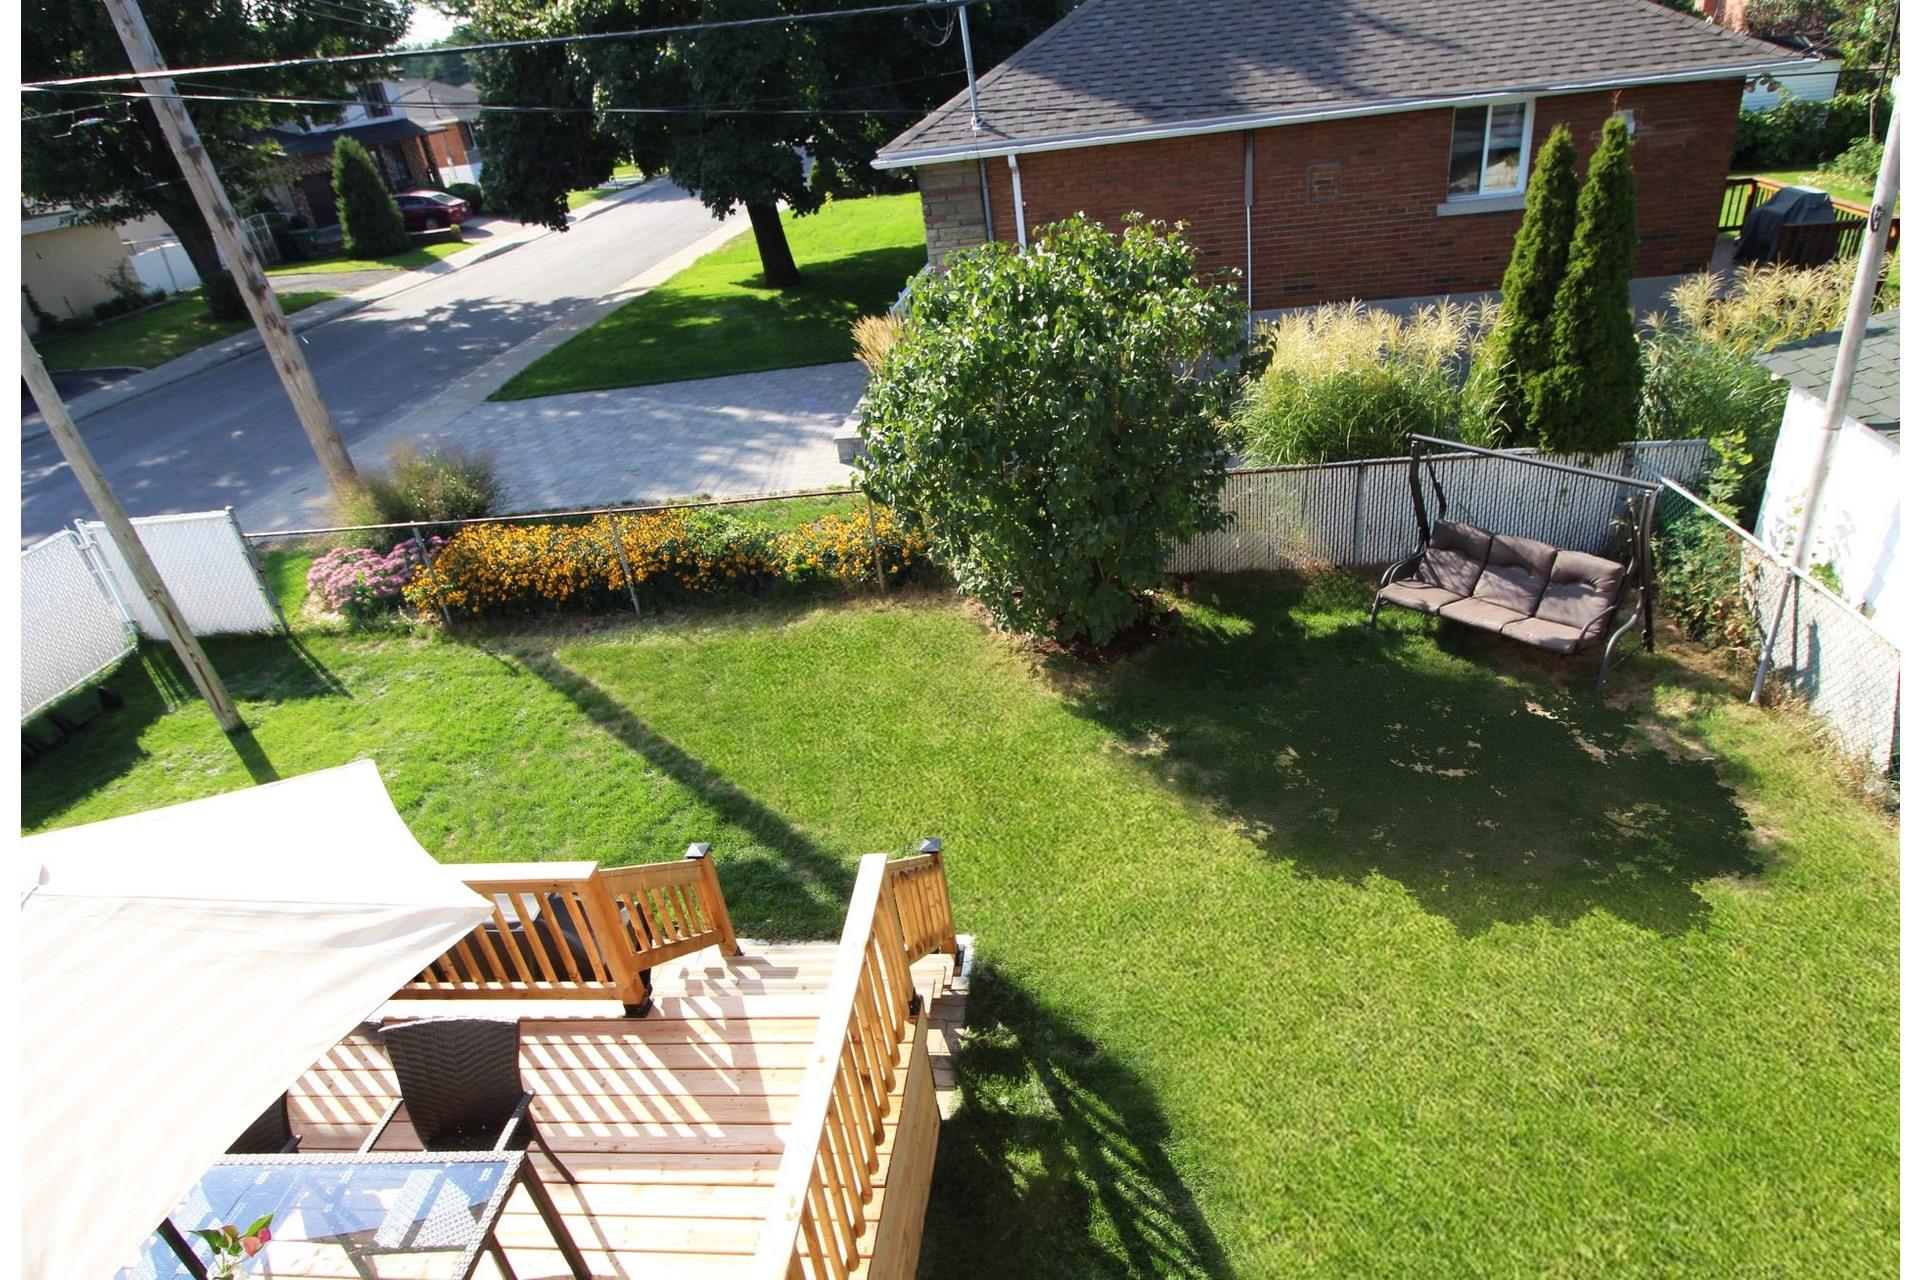 image 31 - Duplex À vendre Montréal Rivière-des-Prairies/Pointe-aux-Trembles  - 4 pièces